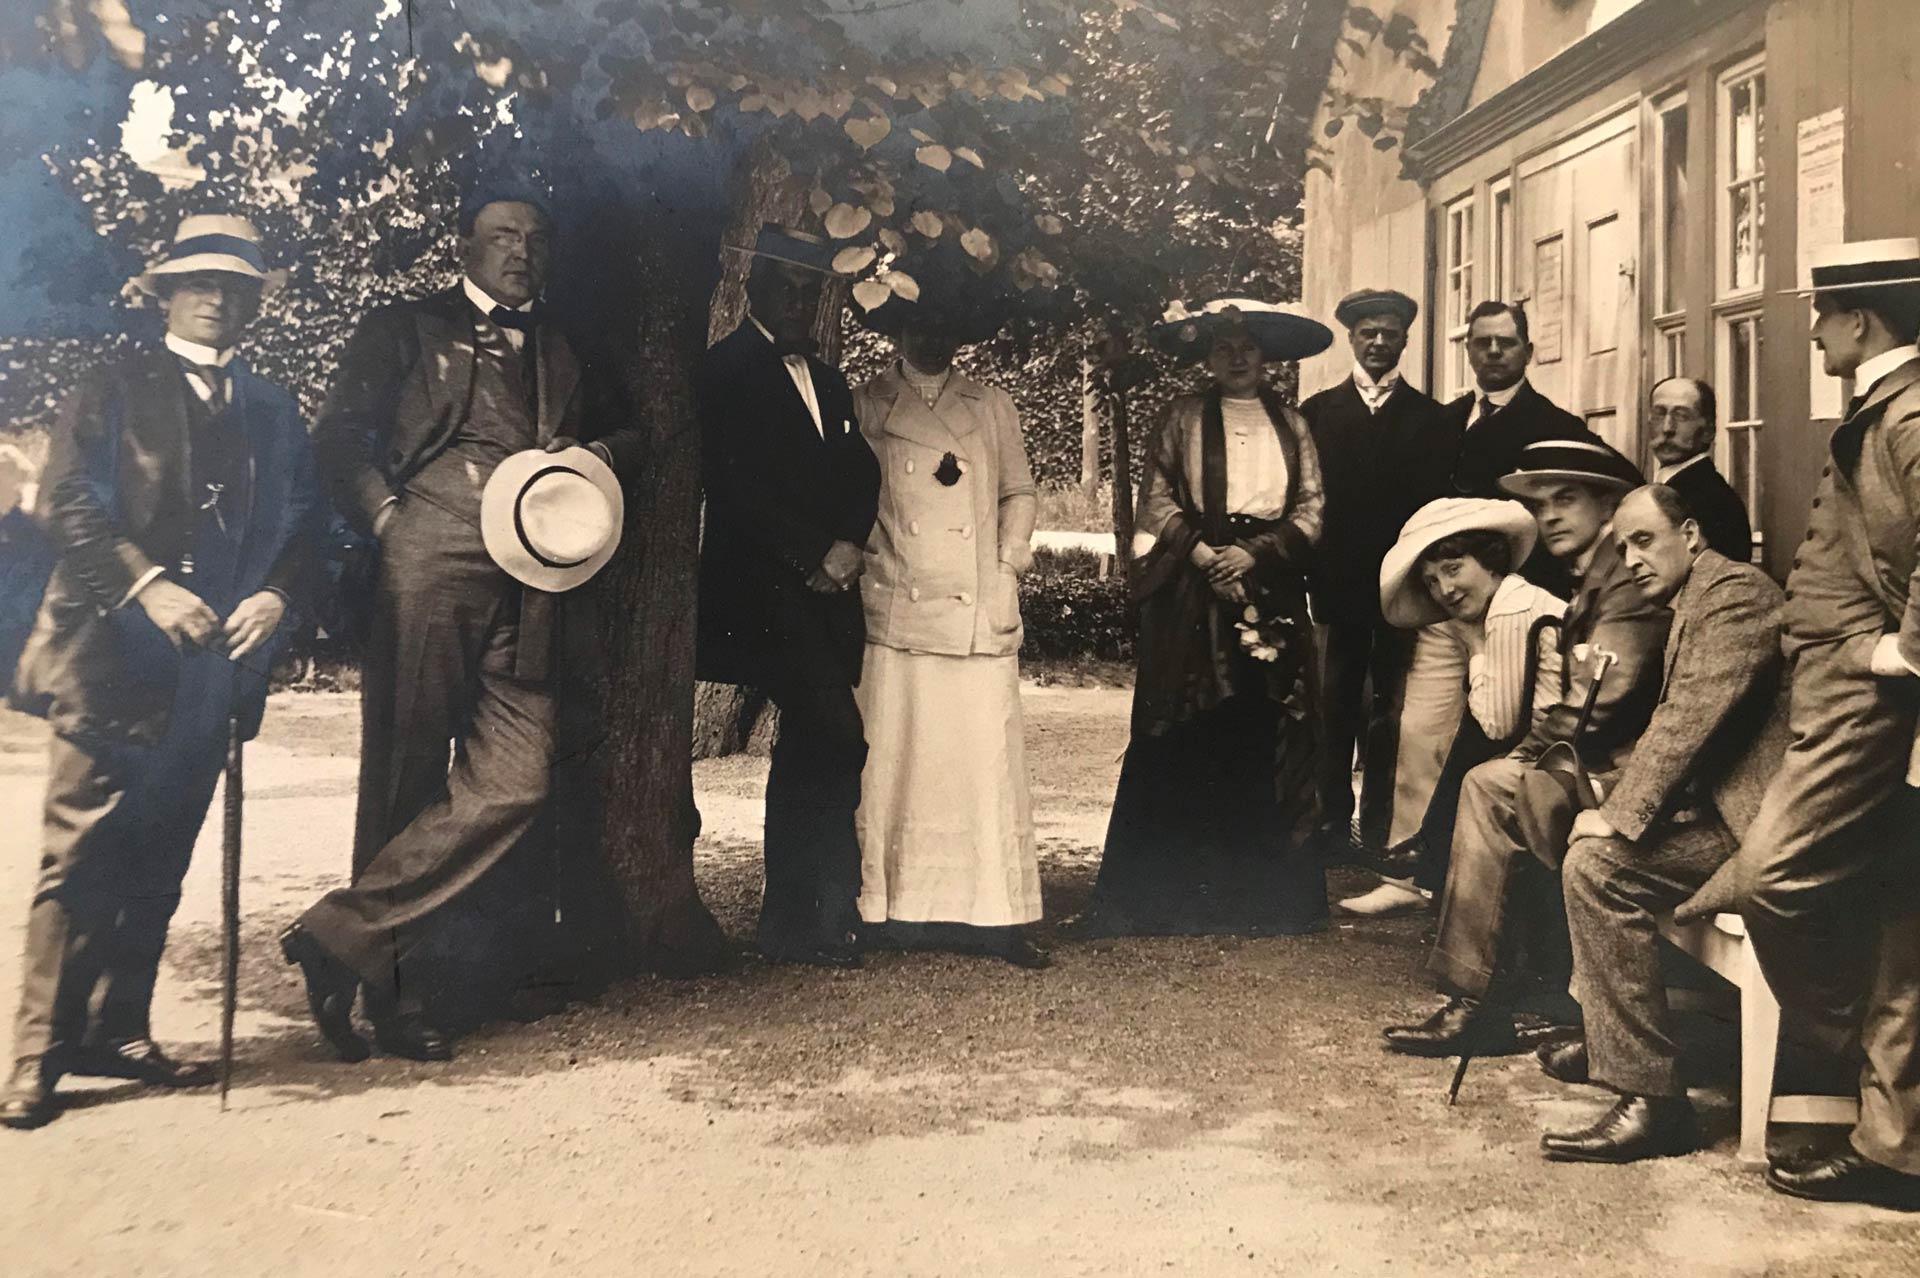 Mitglieder des Theatervereins vor dem Goethe-Theater Goethe-Theater-Klub, 1908